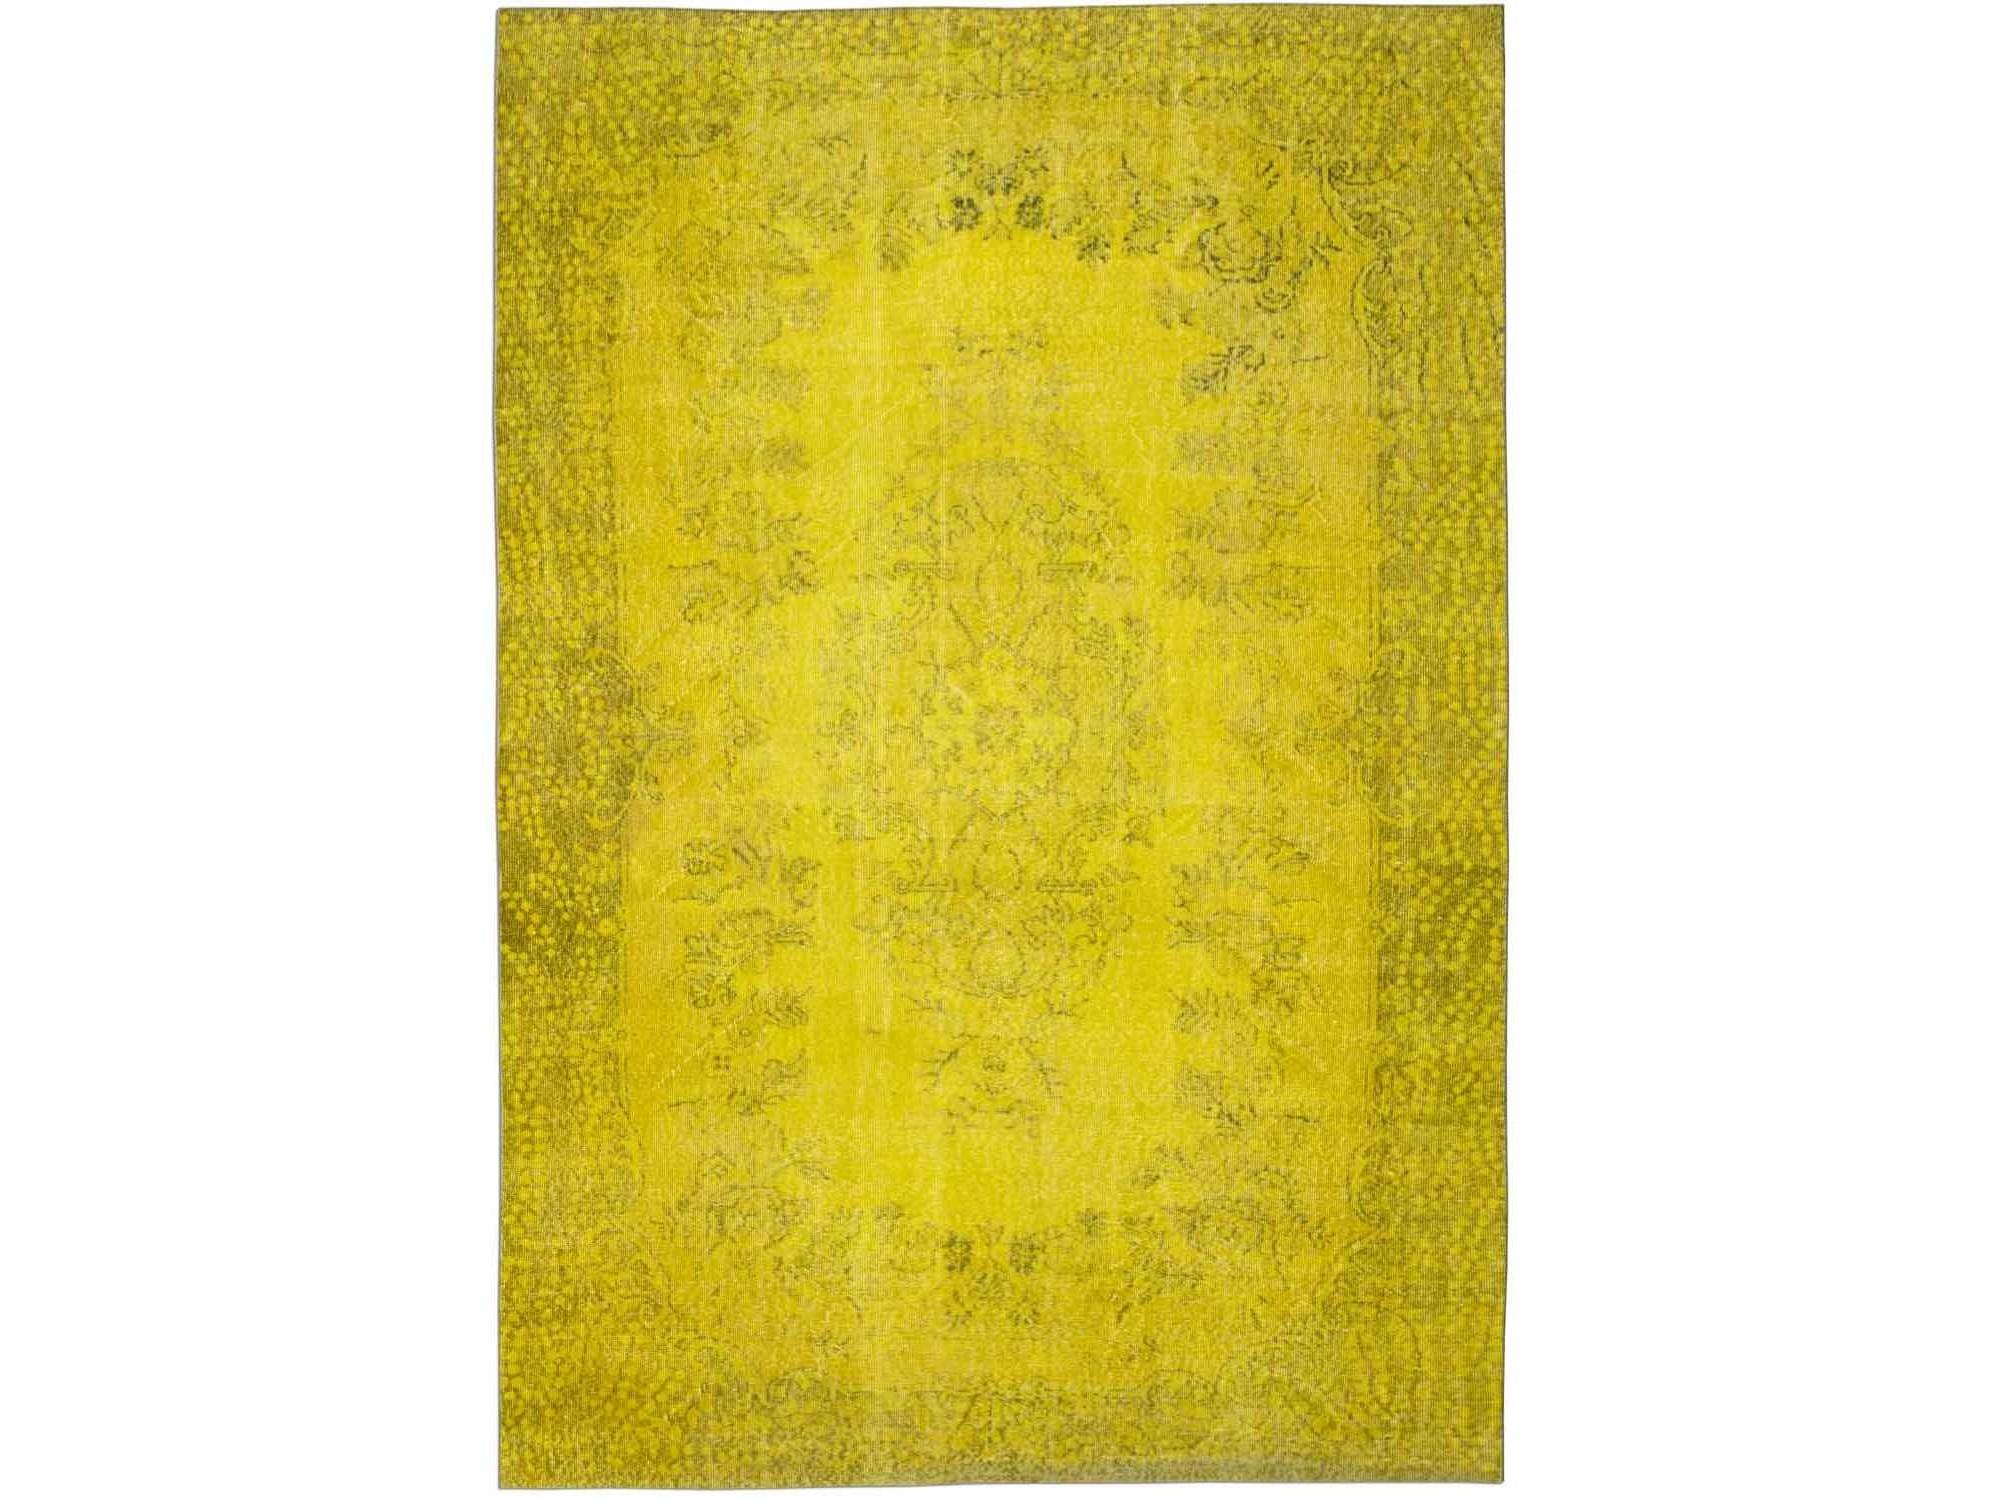 Ковер PatchworkПрямоугольные ковры<br>Винтажный ковер ручной работы в стиле &amp;quot;пэчворк&amp;quot; <br>из 100% шерсти. Ковер прекрасно подходит в <br>любые современные и классические интерьеры, <br>а благодаря толщине ковра всего 5 мм. и отсутствию <br>ворса, его легко чистить любыми видами пылесосов. <br>Этот настоящий ковер ручной работы не потеряет <br>своих красок и будет служить десятилетия.<br><br>Material: Шерсть<br>Ширина см: 200<br>Глубина см: 295